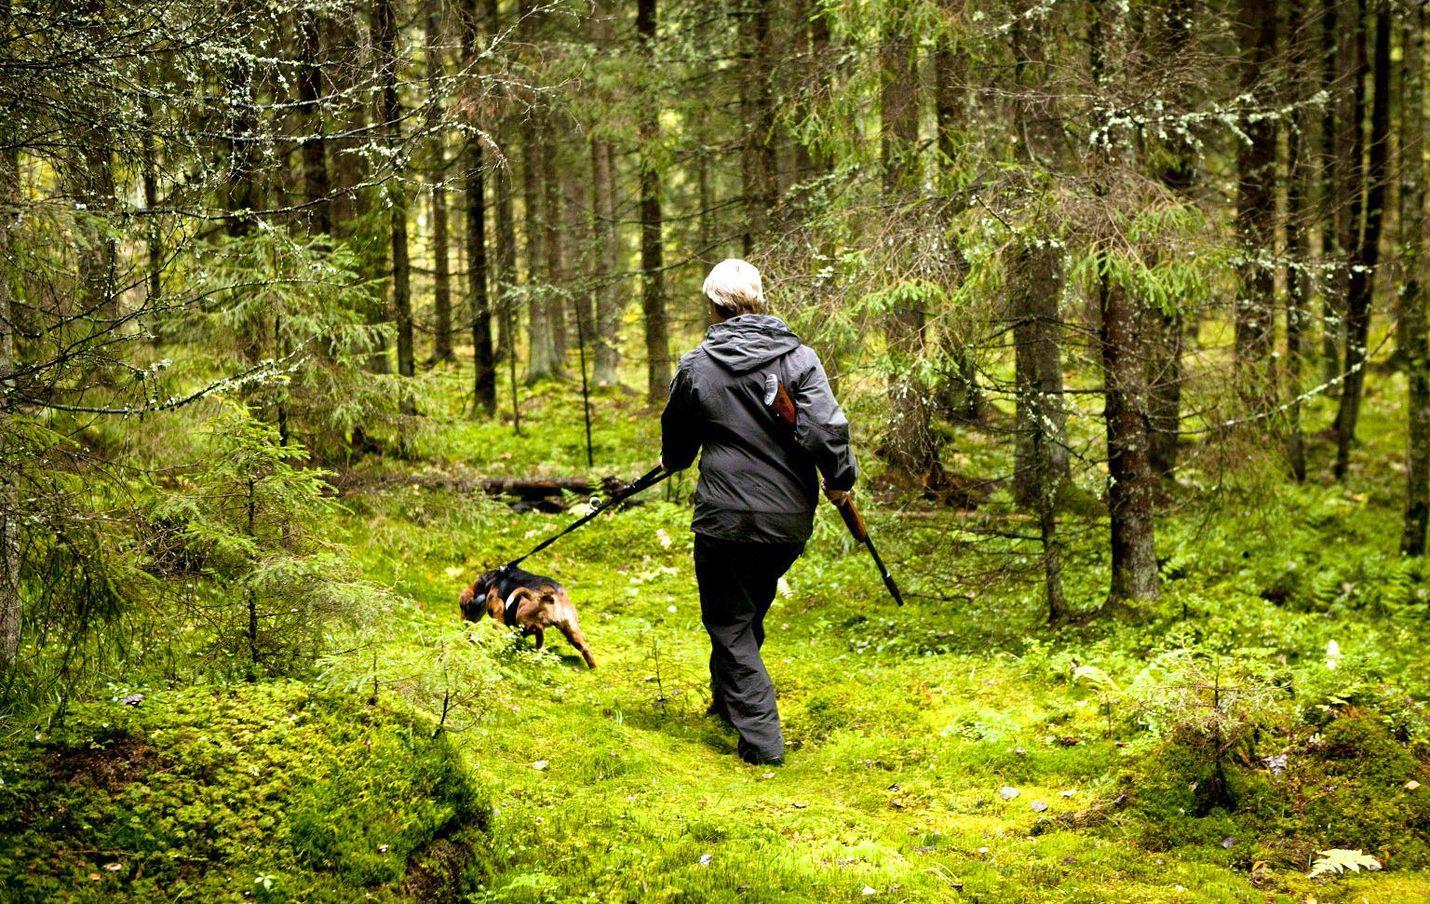 Metsästäjien määrässä ei viime vuosina ole tapahtunut suuria muutoksia. Pienriistaa ja hirvieläimiä jahtasi noin 209 000 metsästäjää vuonna 2014.